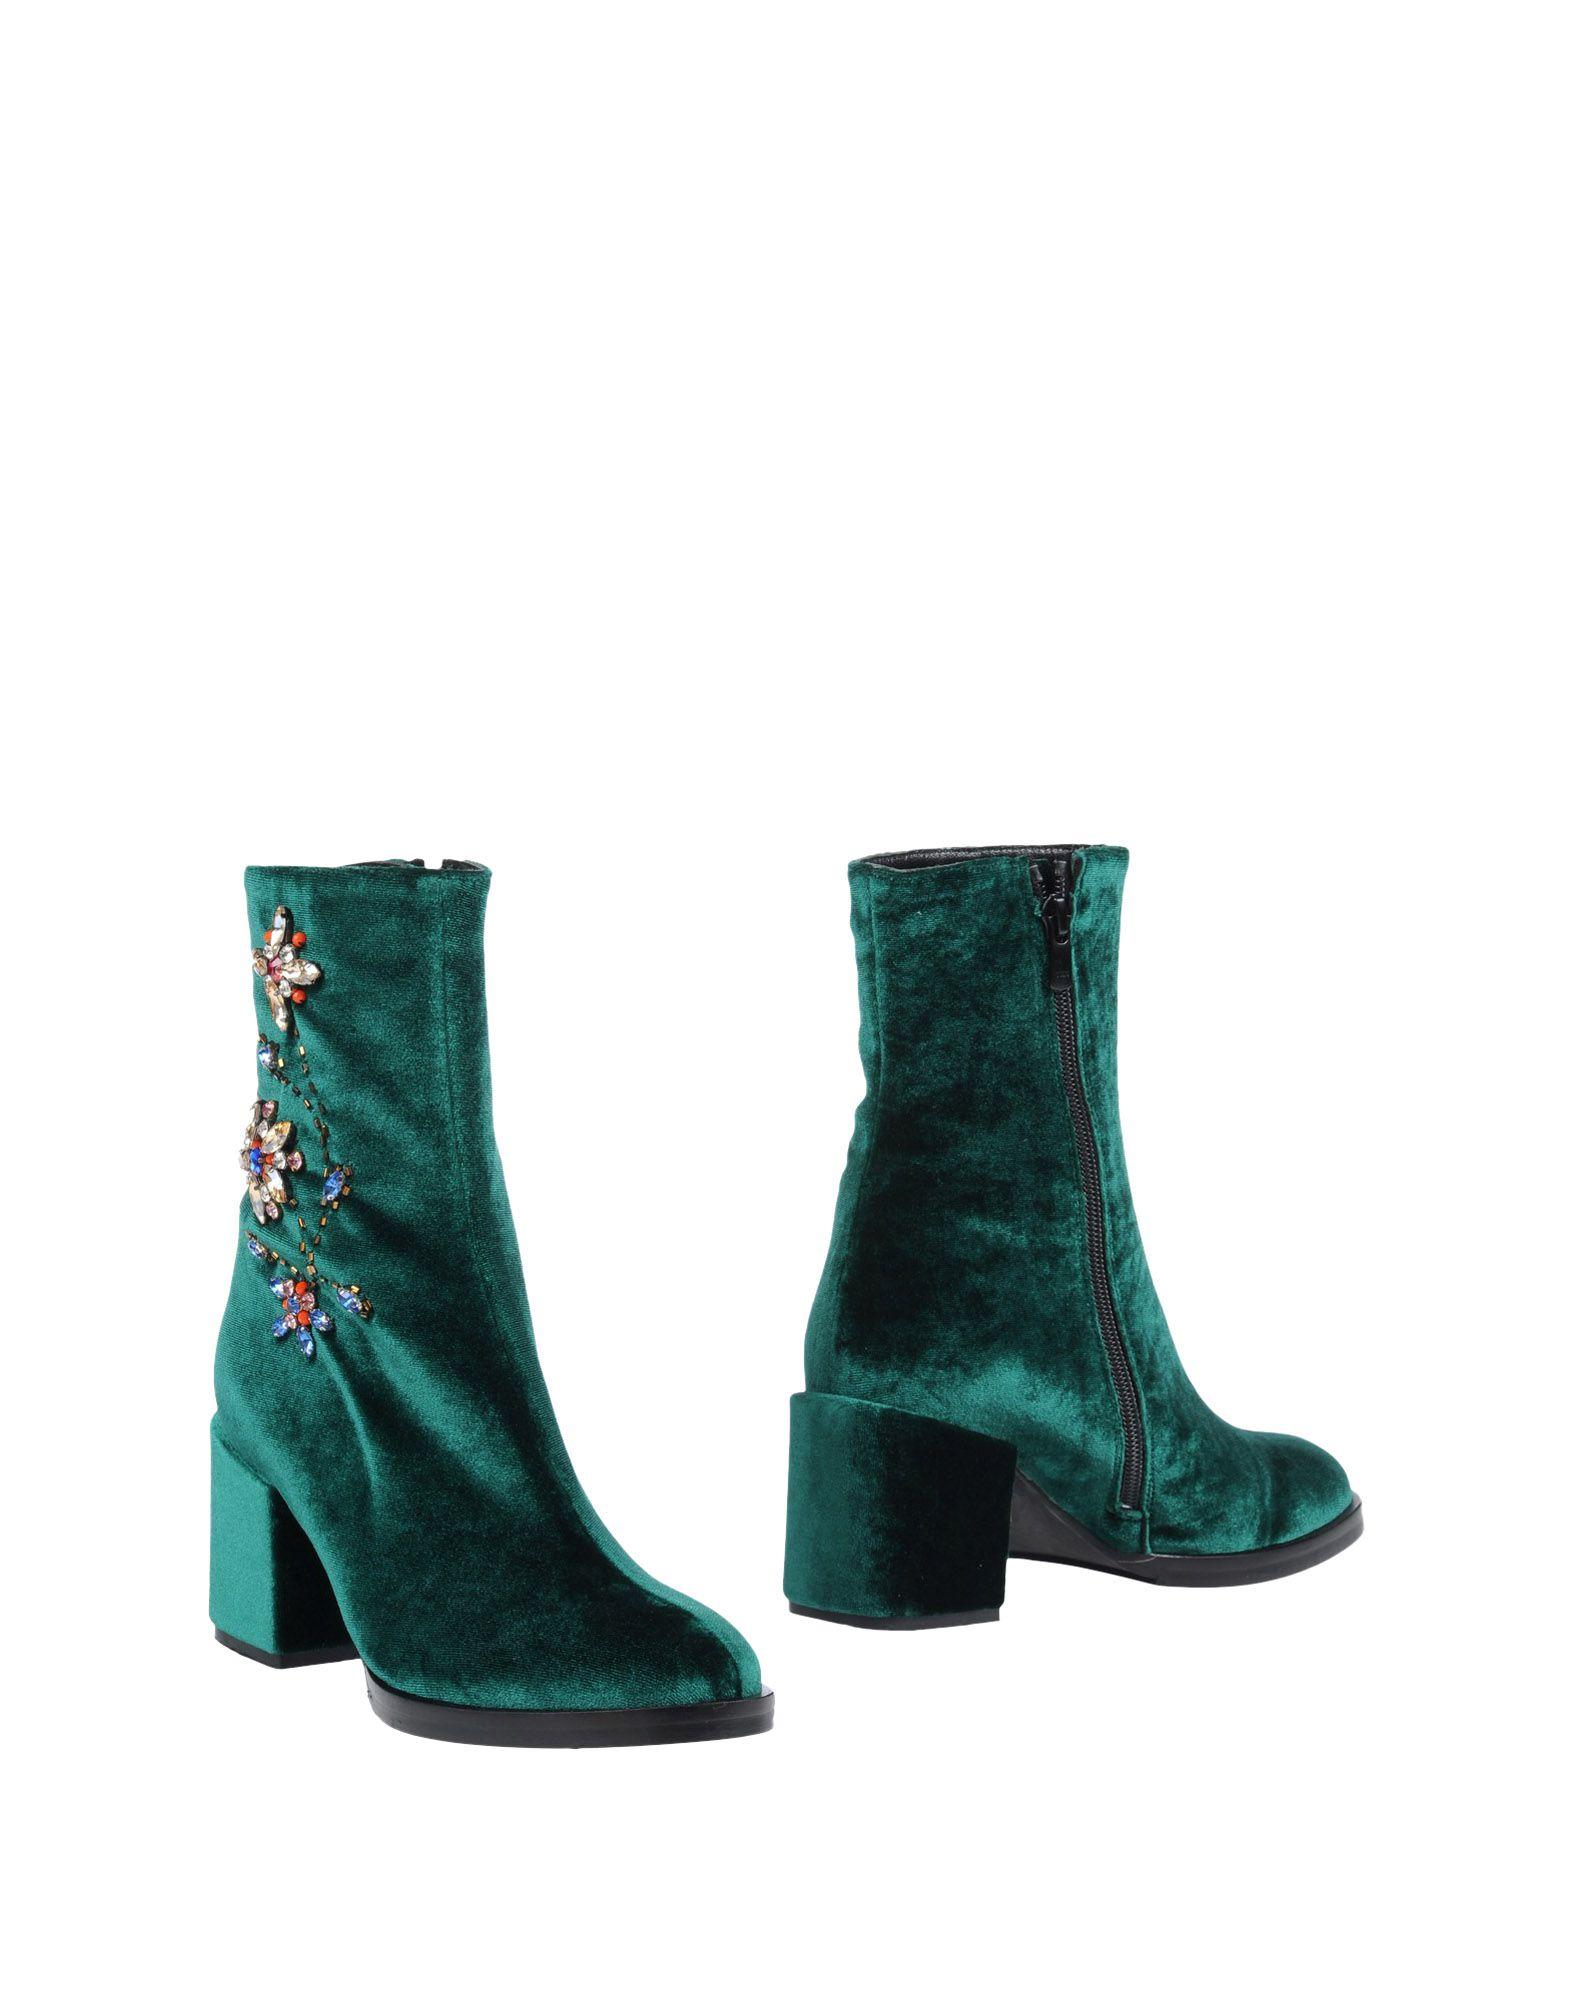 DIVINO Полусапоги и высокие ботинки фотопанно флизелиновое divino 143 вишневый сад 143 1 036